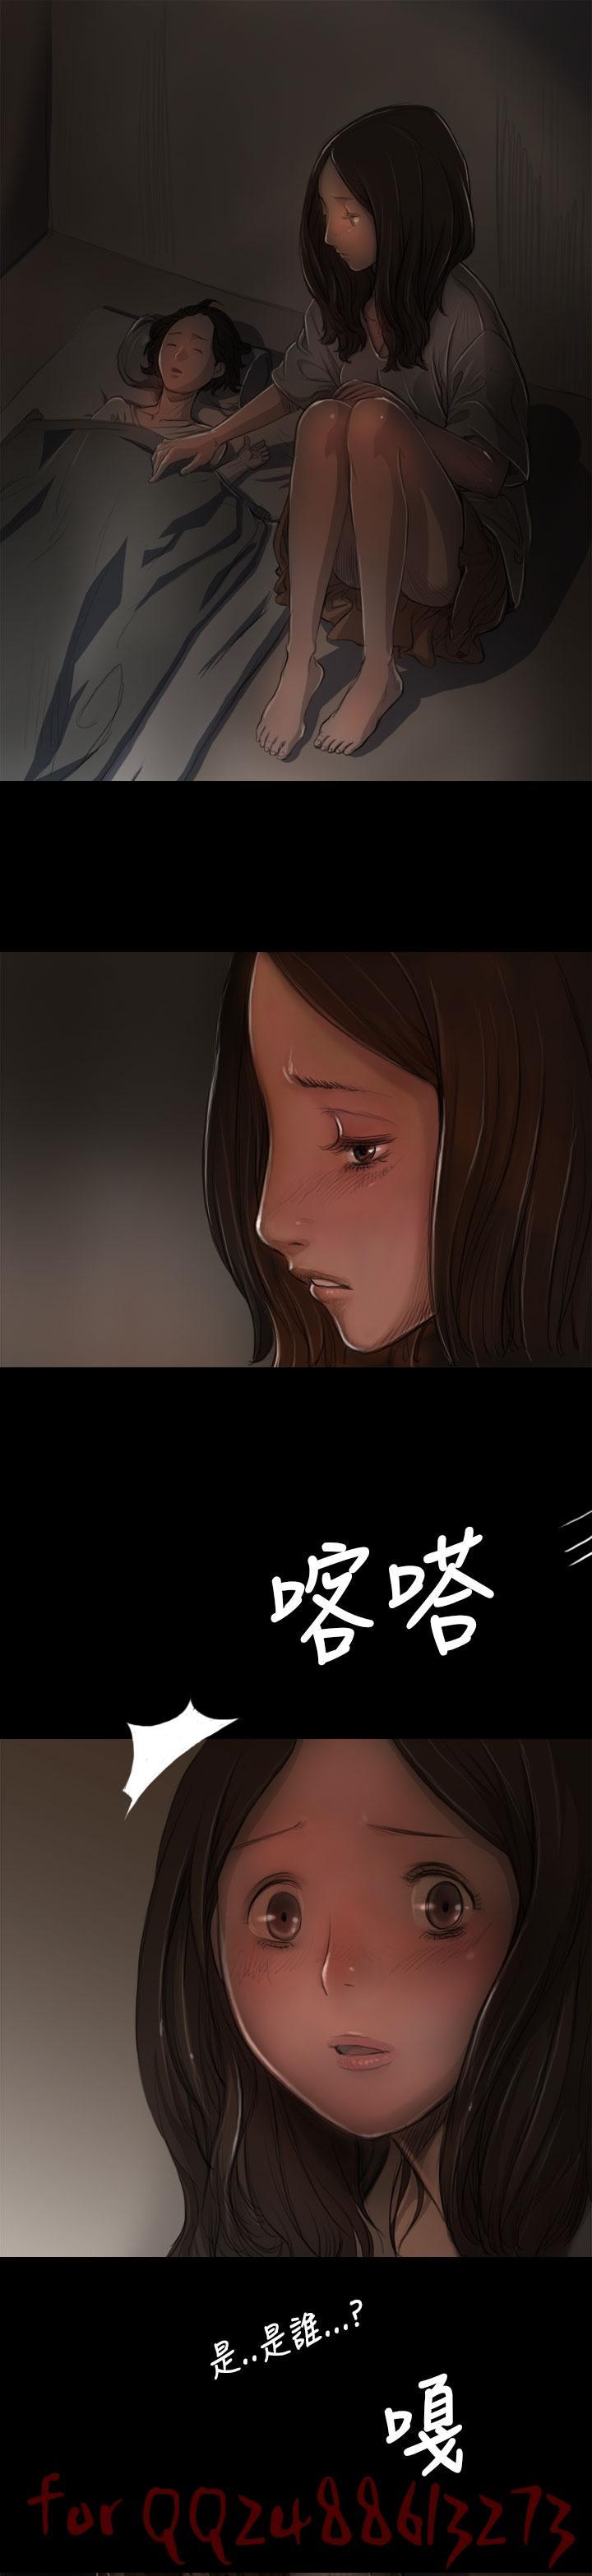 姊姊: 莲 第1~10話 [Chinese]中文 261